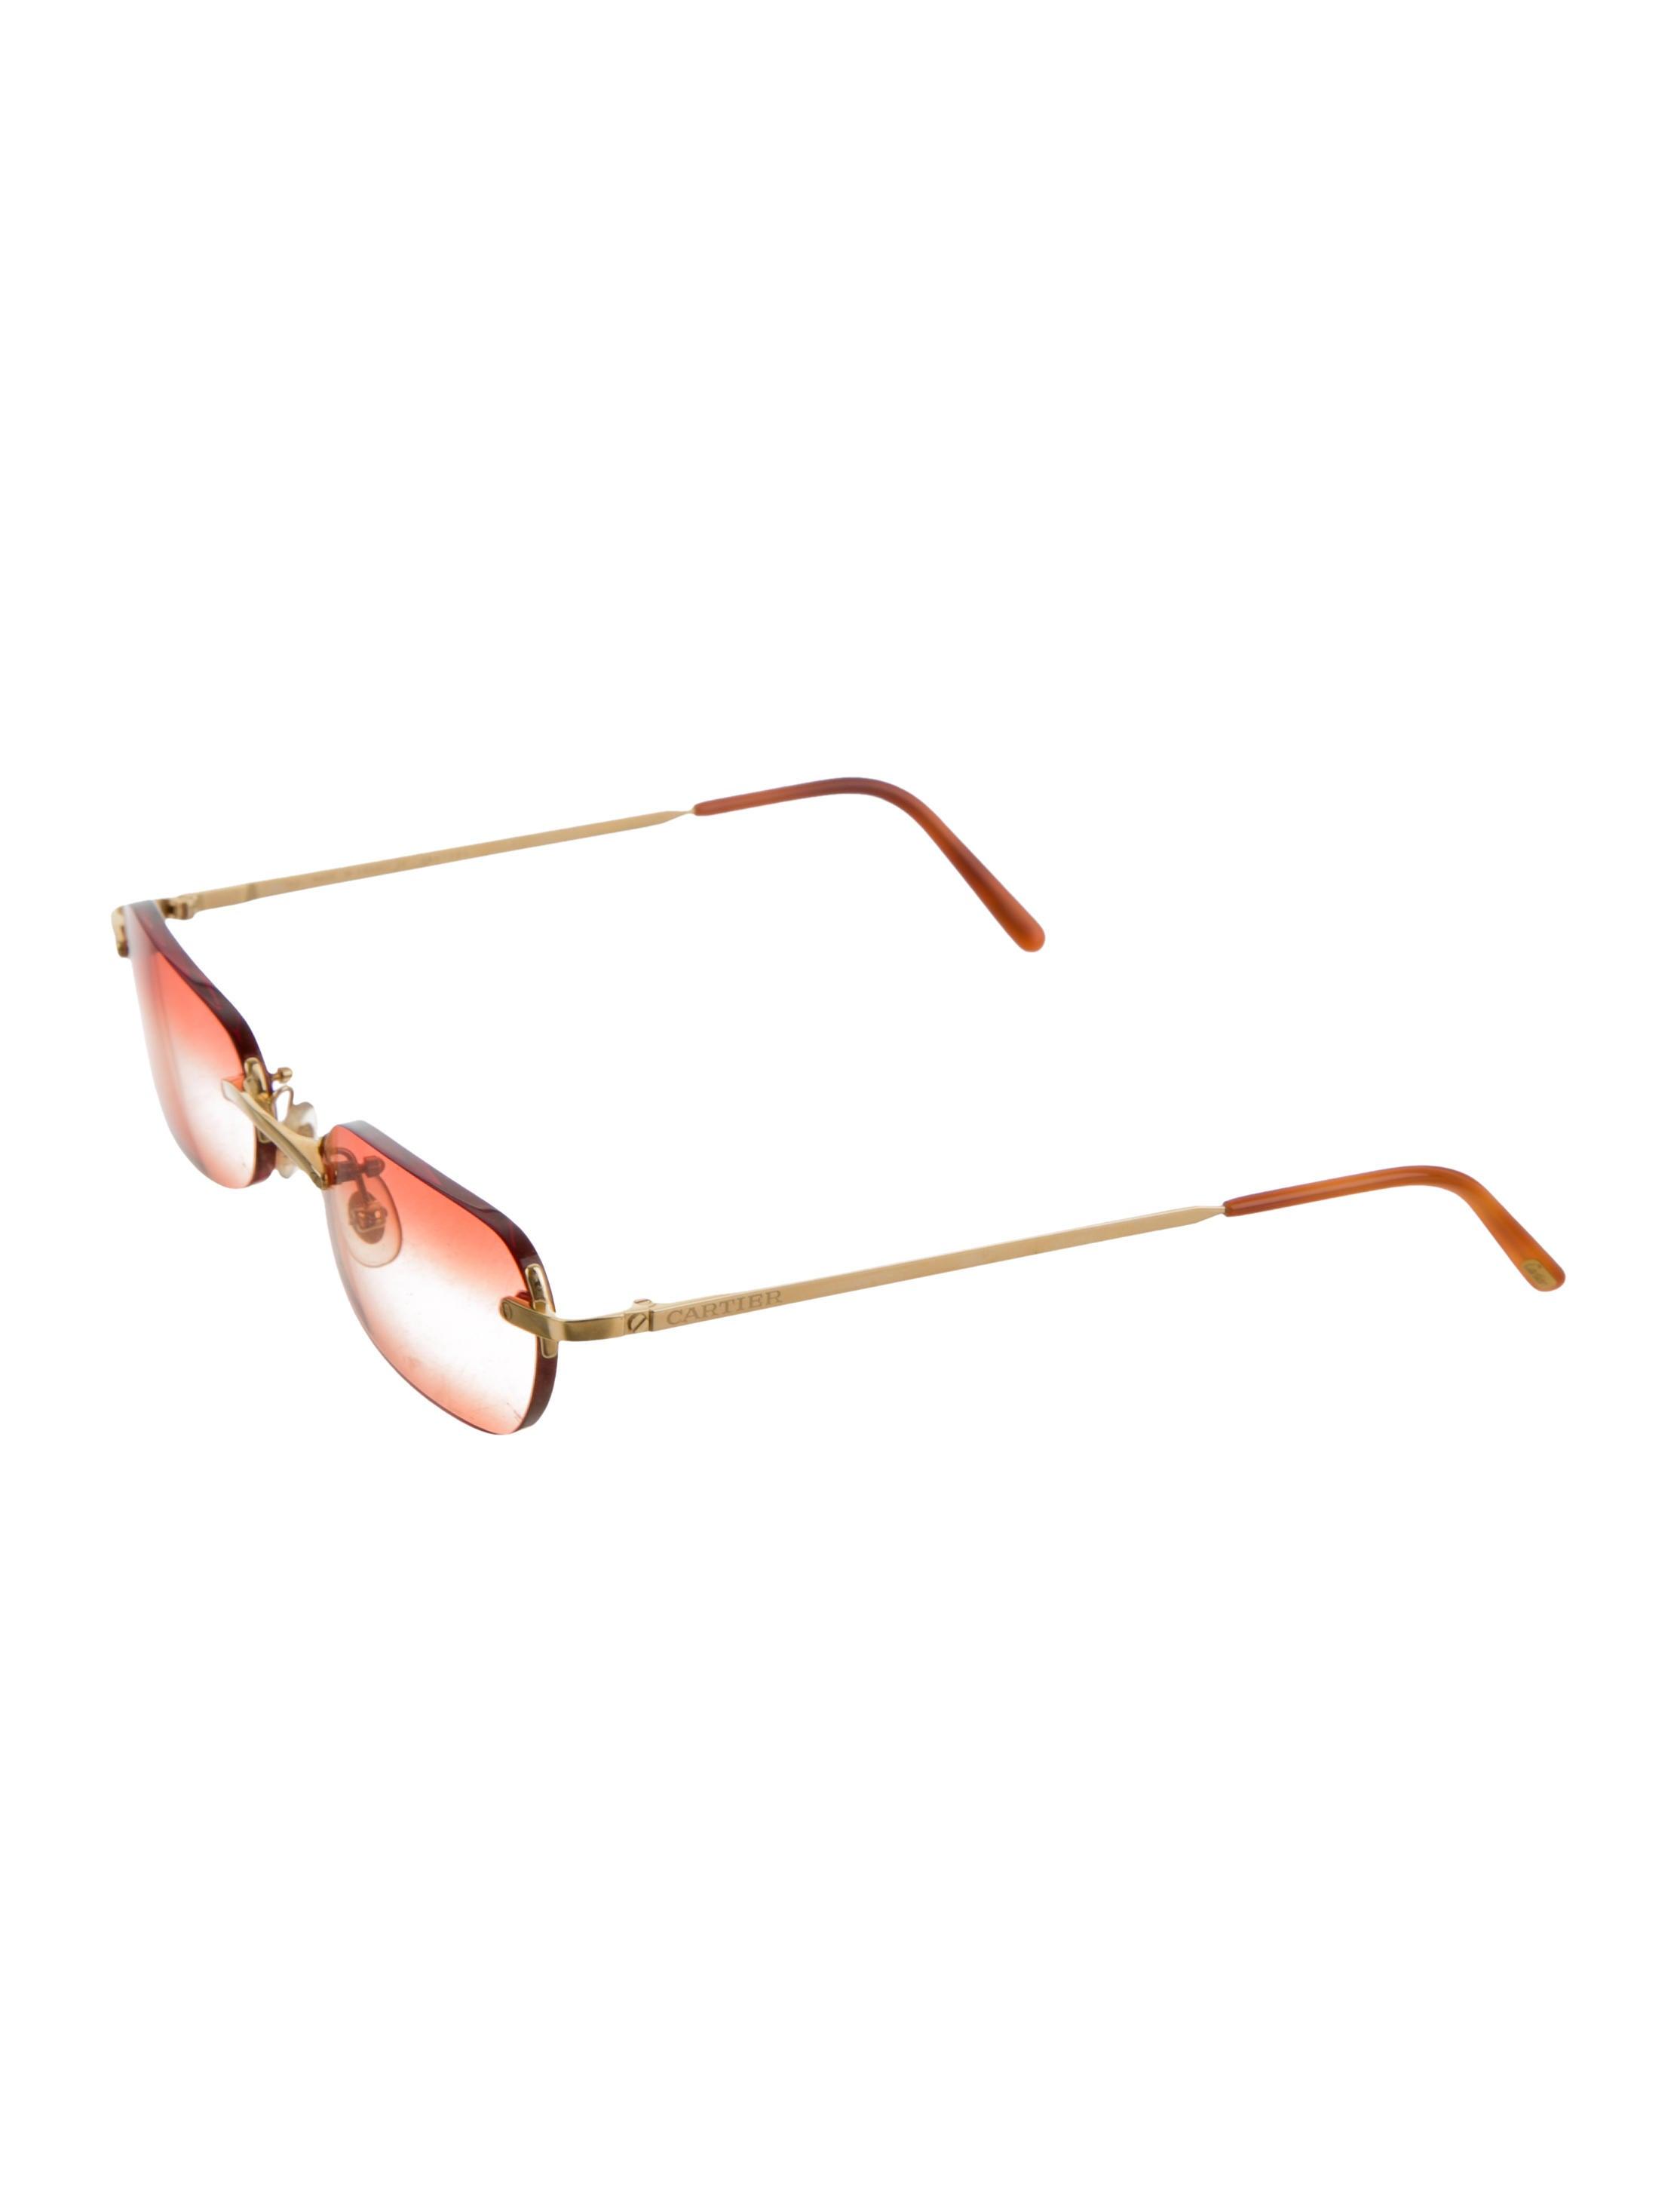 Cartier Rimless Logo Sunglasses - Accessories